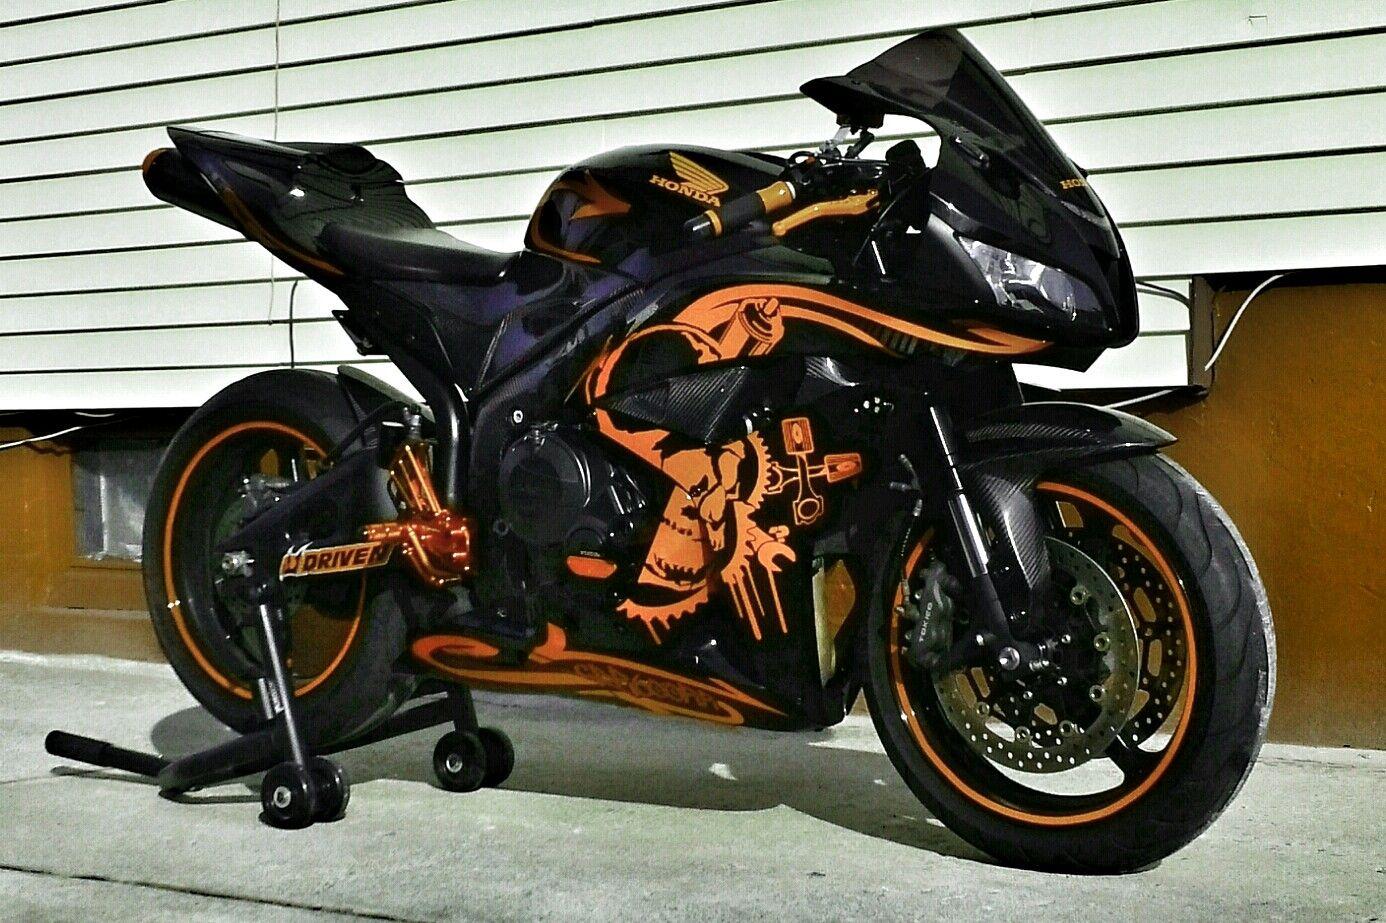 2008 cbr600rr graffiti edition specs